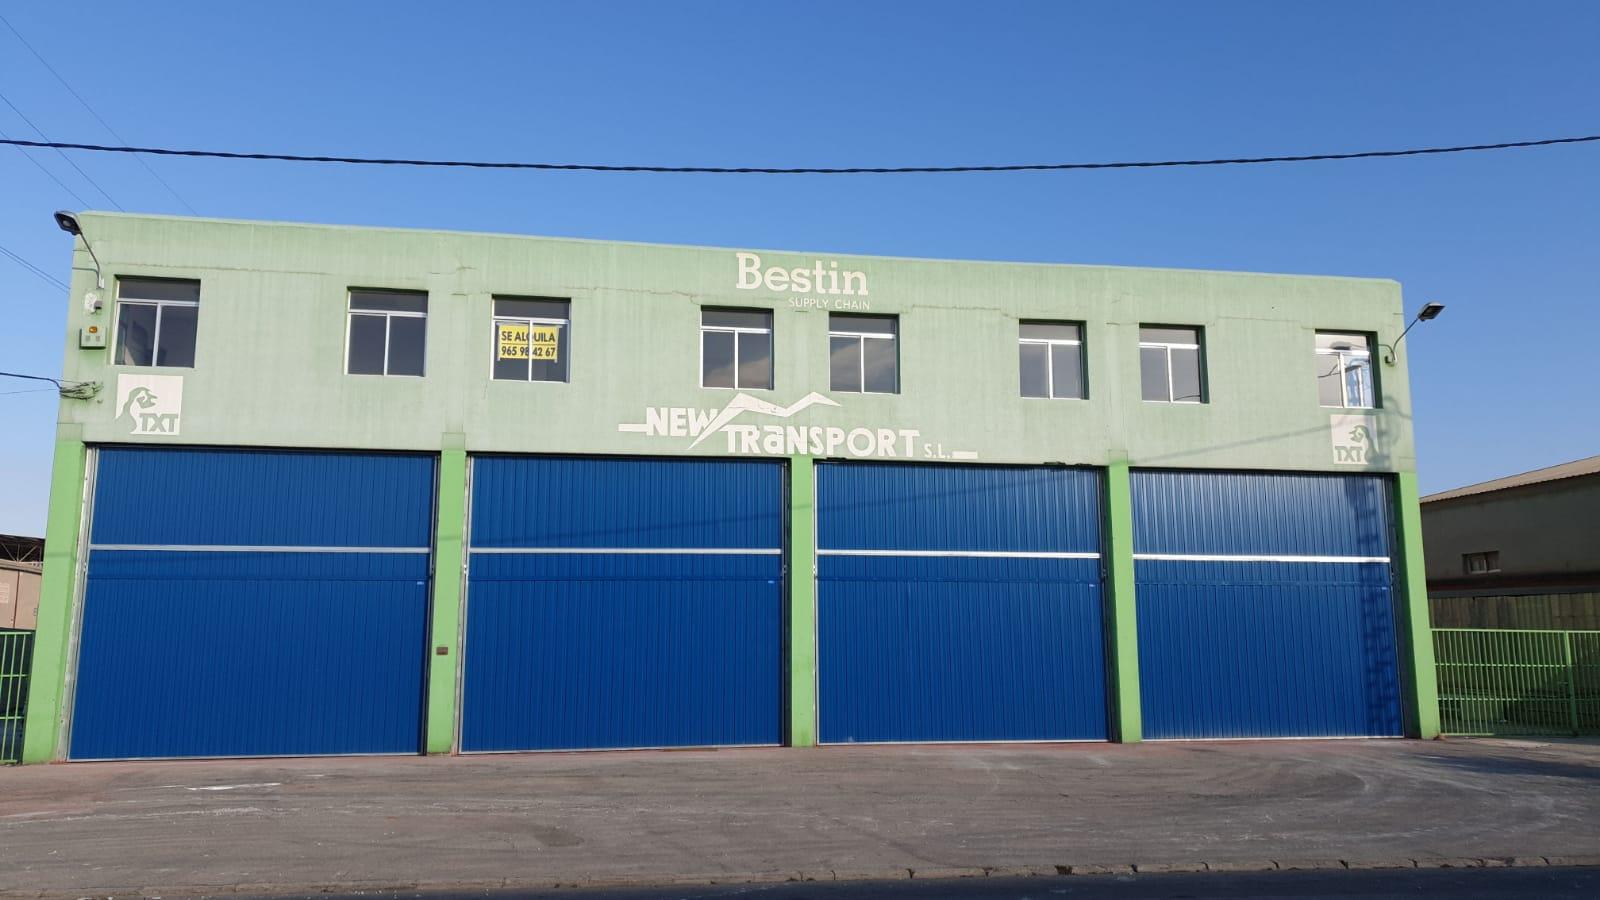 Lloguer Nau industrial  Poligono industrial calle alisios nº 89 pla vallonga. Nave de 1300 m2 con amplios muelles, facil acceso. totalmente re